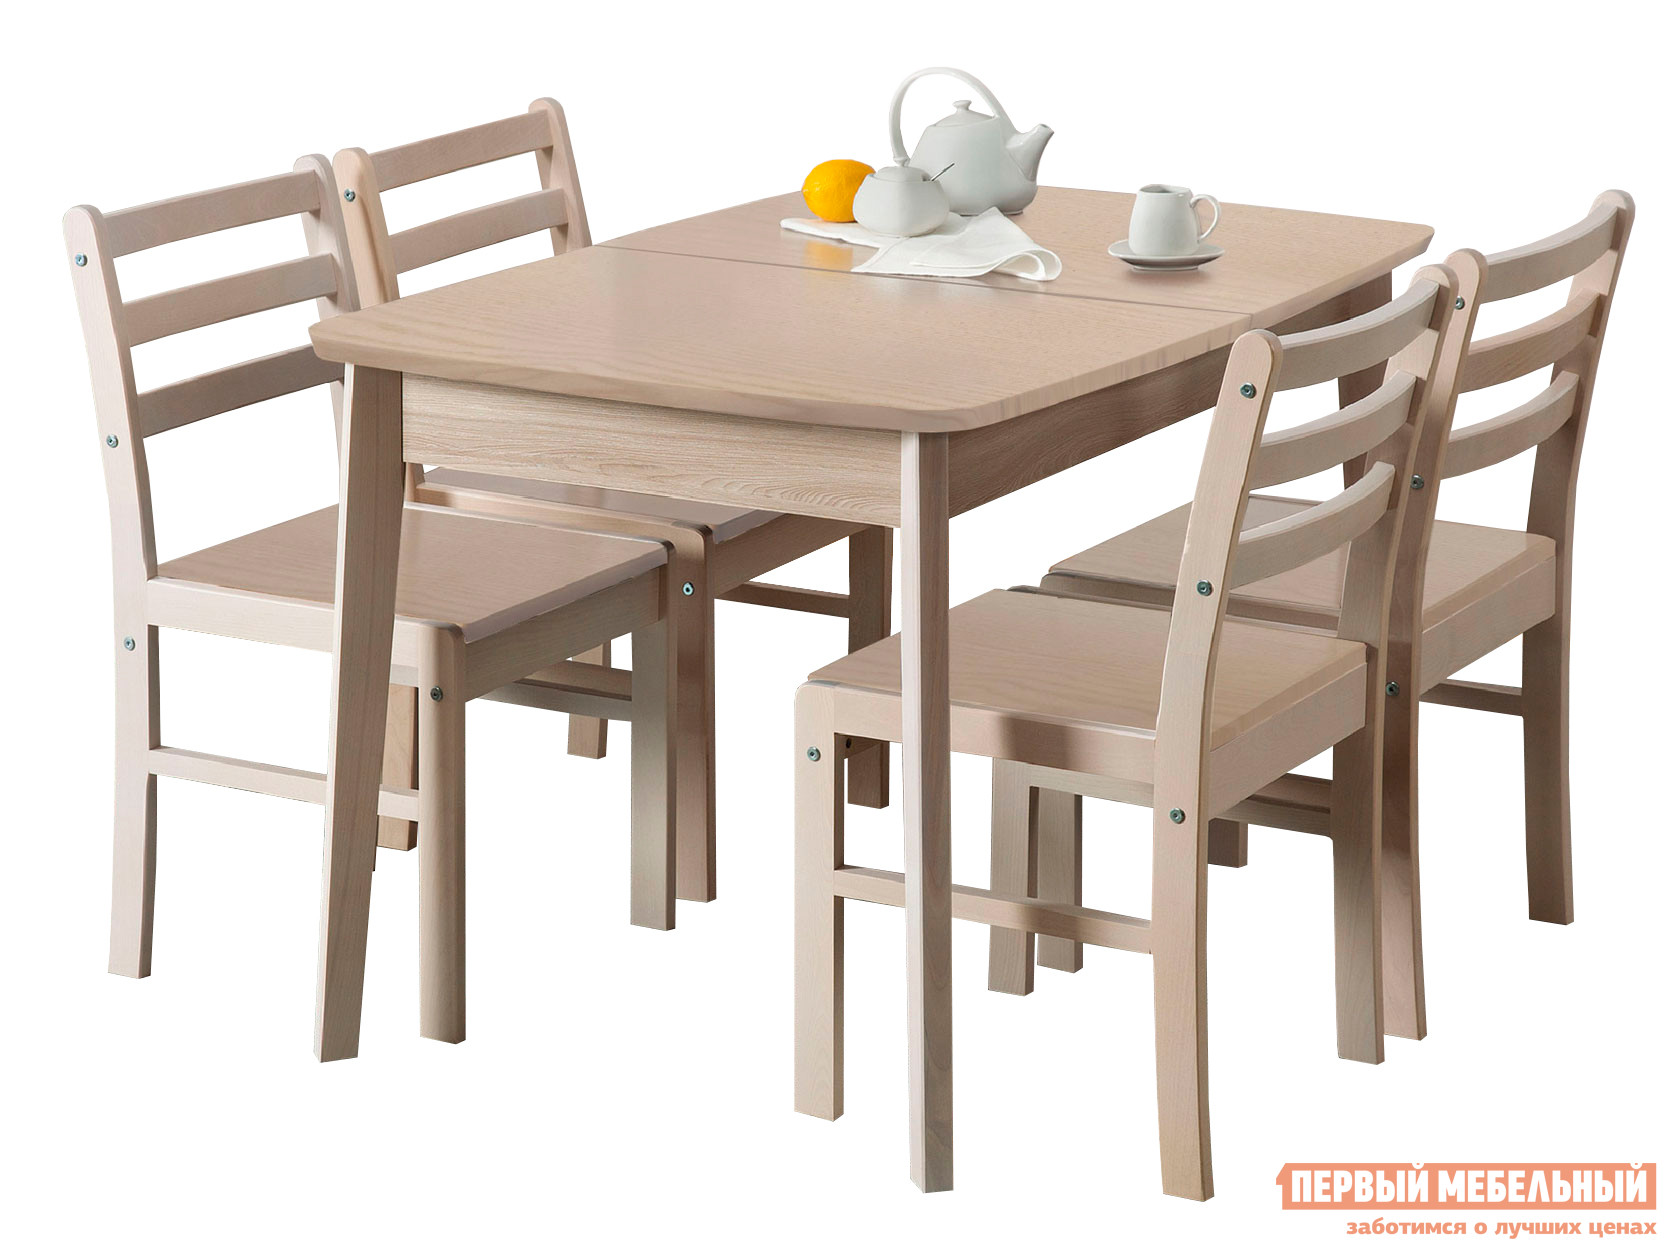 Обеденная группа для столовой и гостиной Боровичи Стол обеденный раздвижной (овальная крышка) + 4 стула Массив